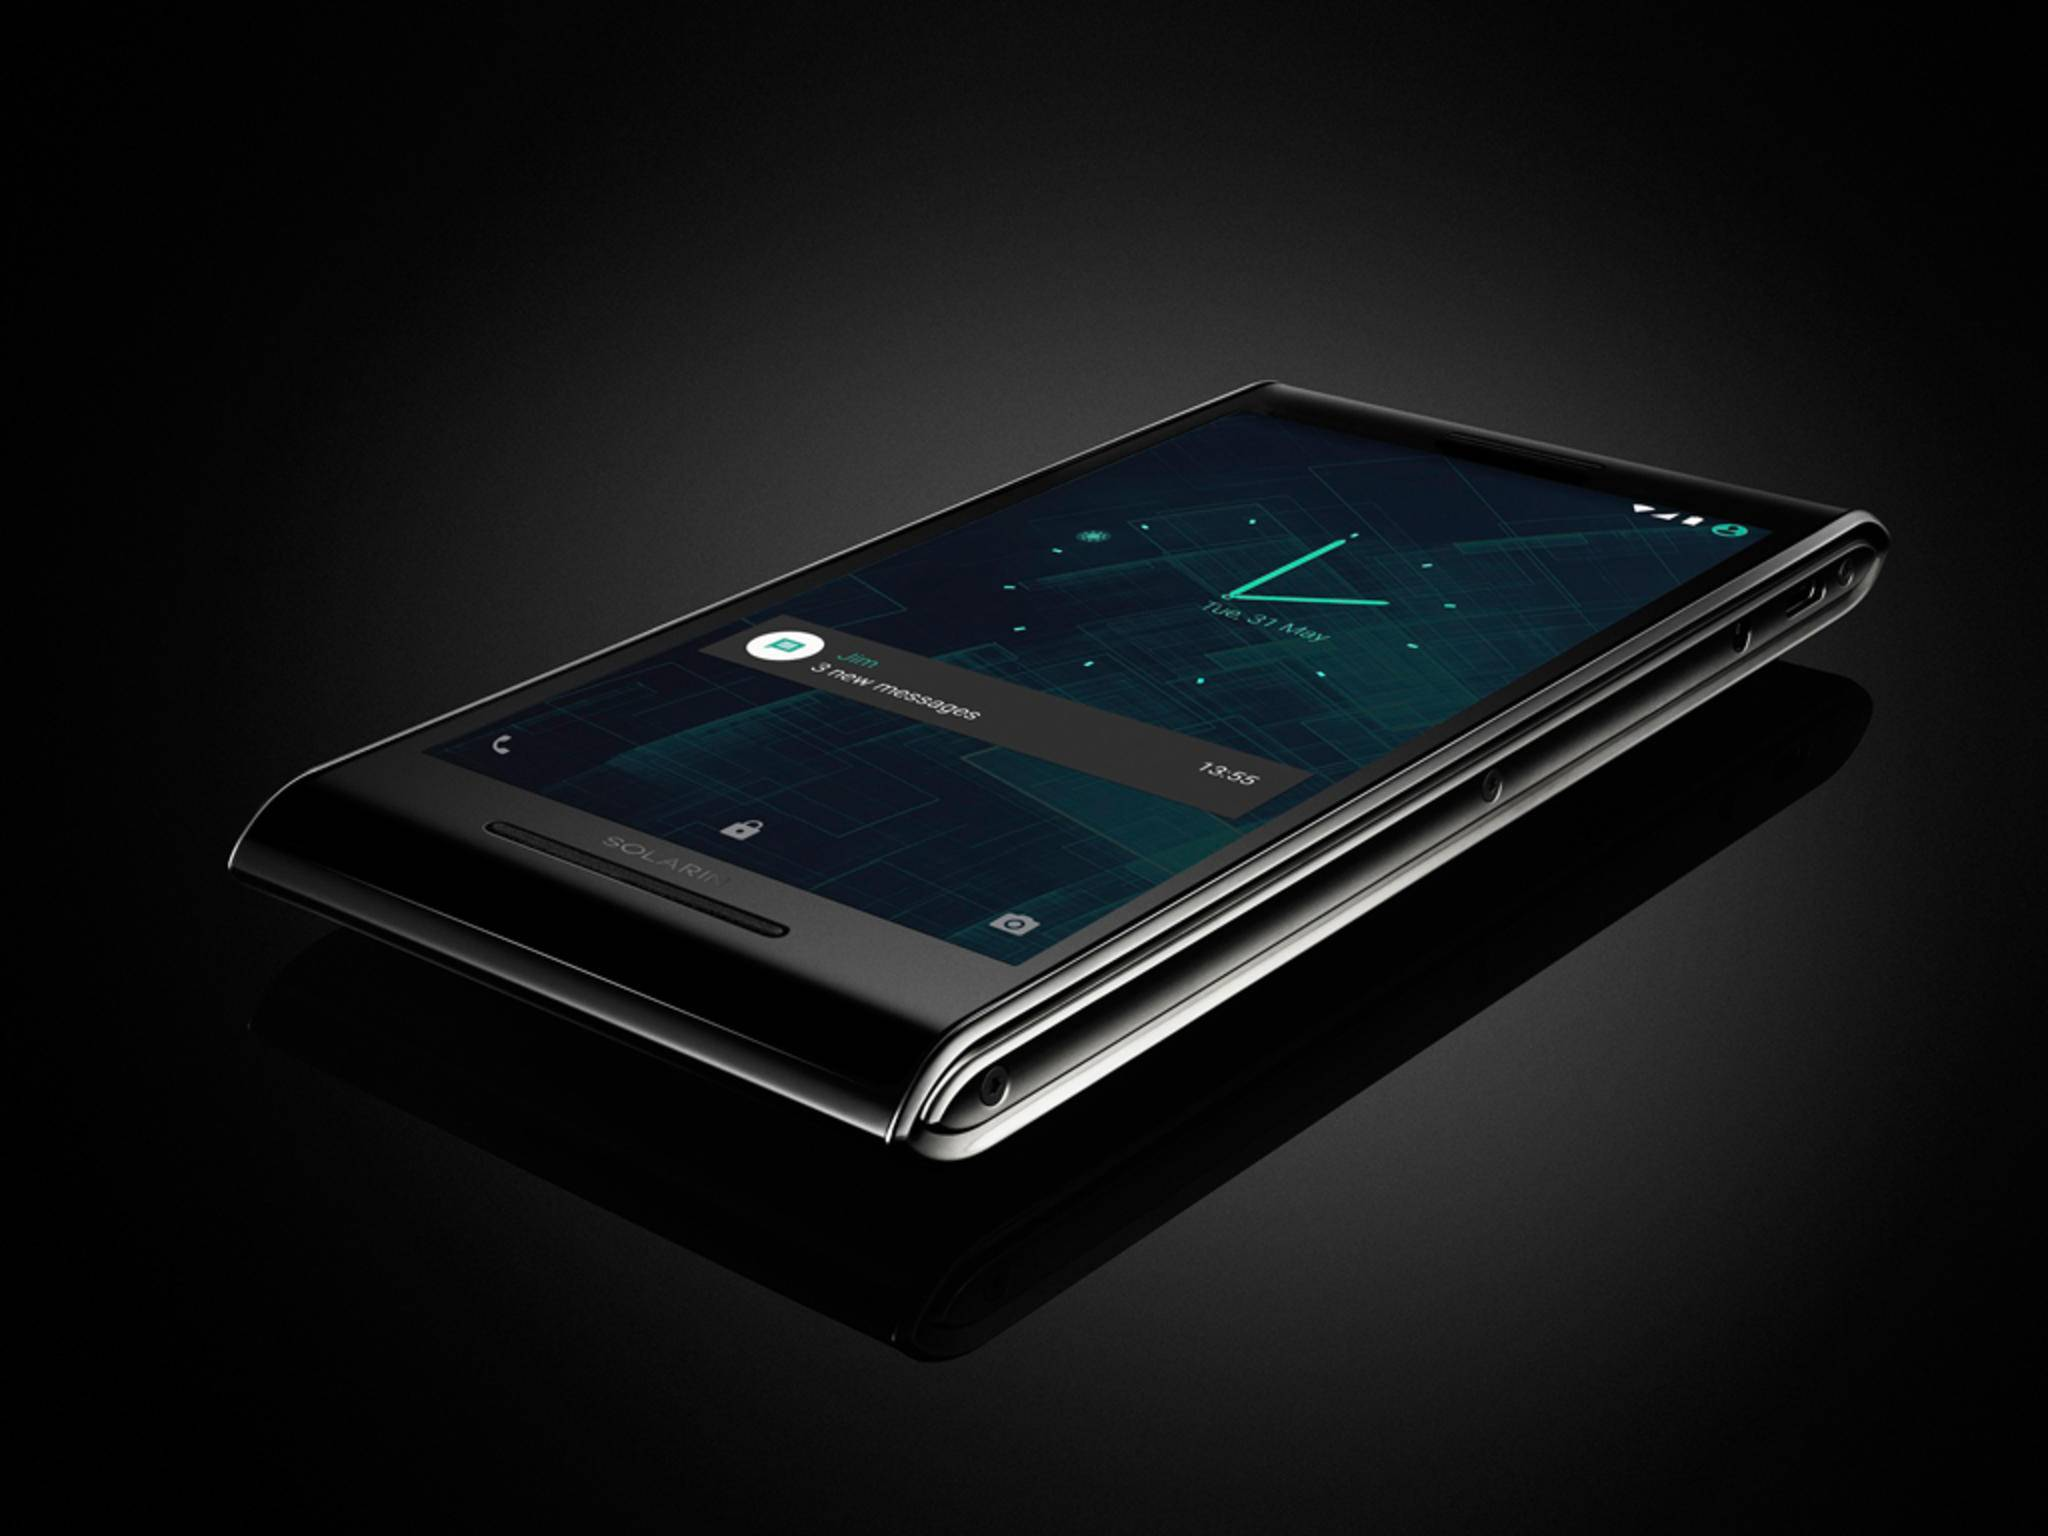 Ultrasicher, aber extrem teuer: Das Solarin-Smartphone kostet satte 13.000 Euro.